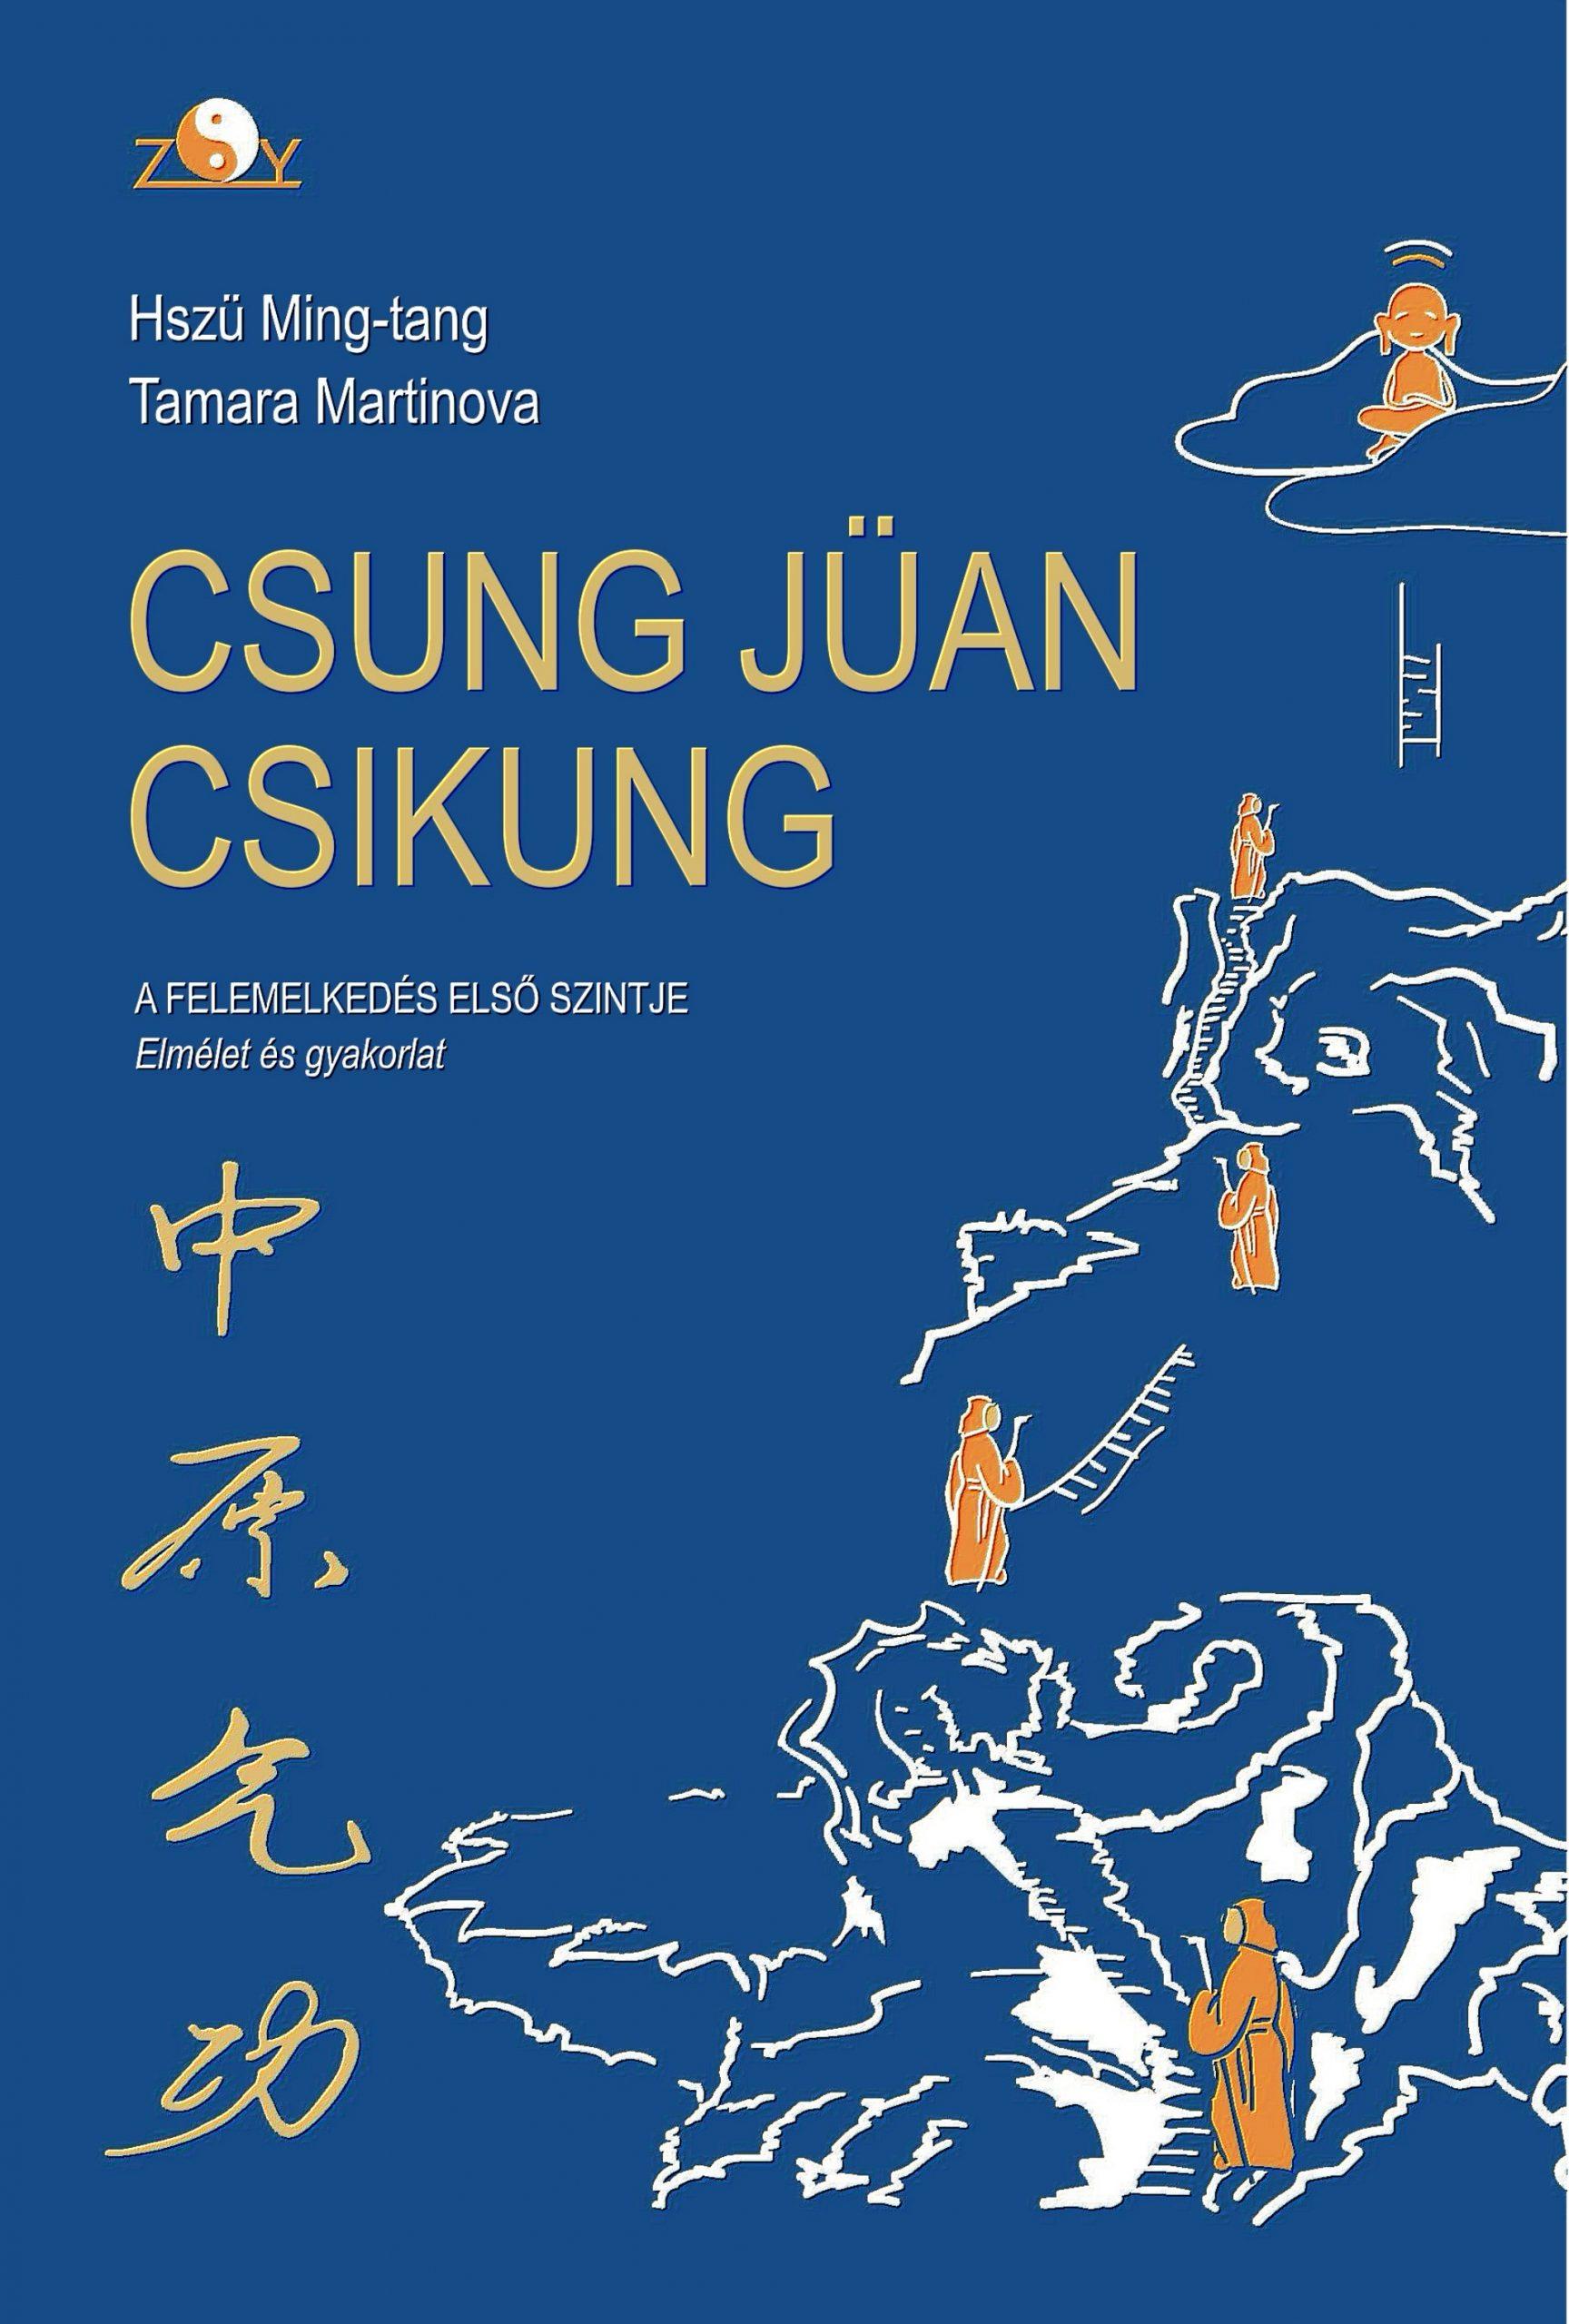 Csung Jüan Csikung című könyv